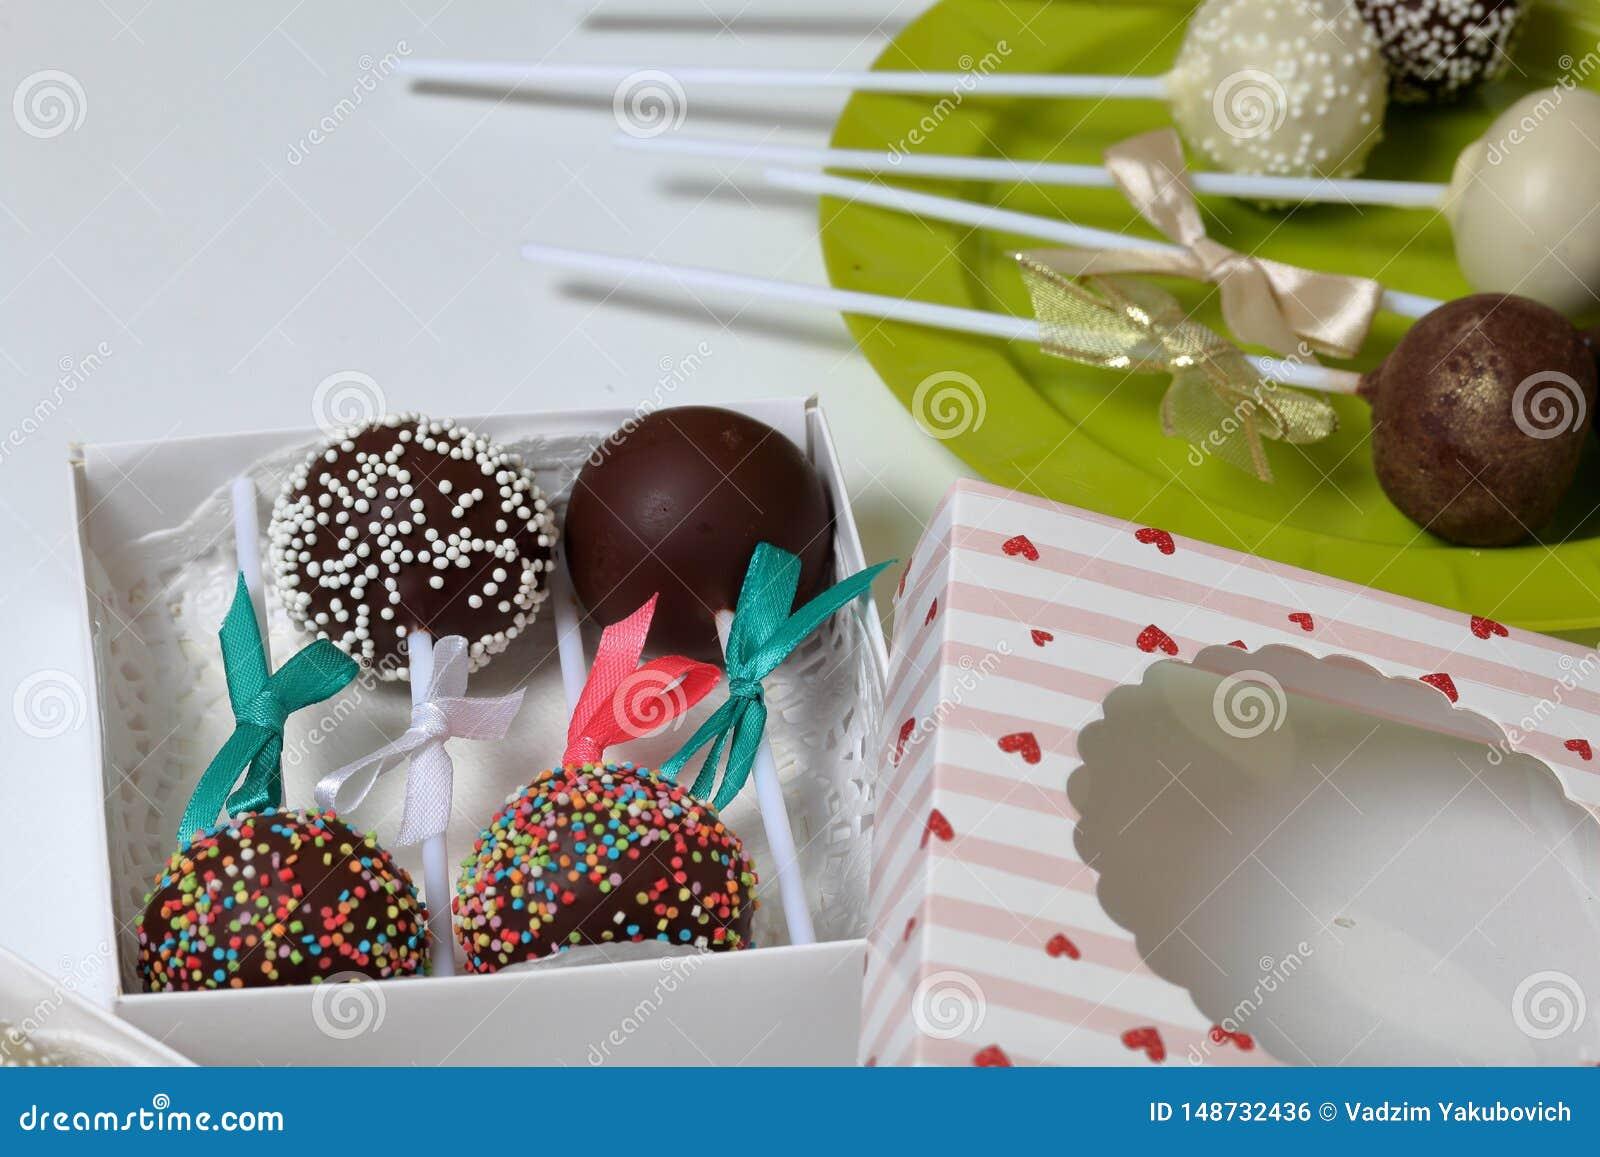 Το κέικ σκάει διακοσμημένος με ένα τόξο της πλεξούδας, που συσκευάζεται σε ένα κιβώτιο δώρων Άλλα γλυκά είναι στενά κοντά στο πιά